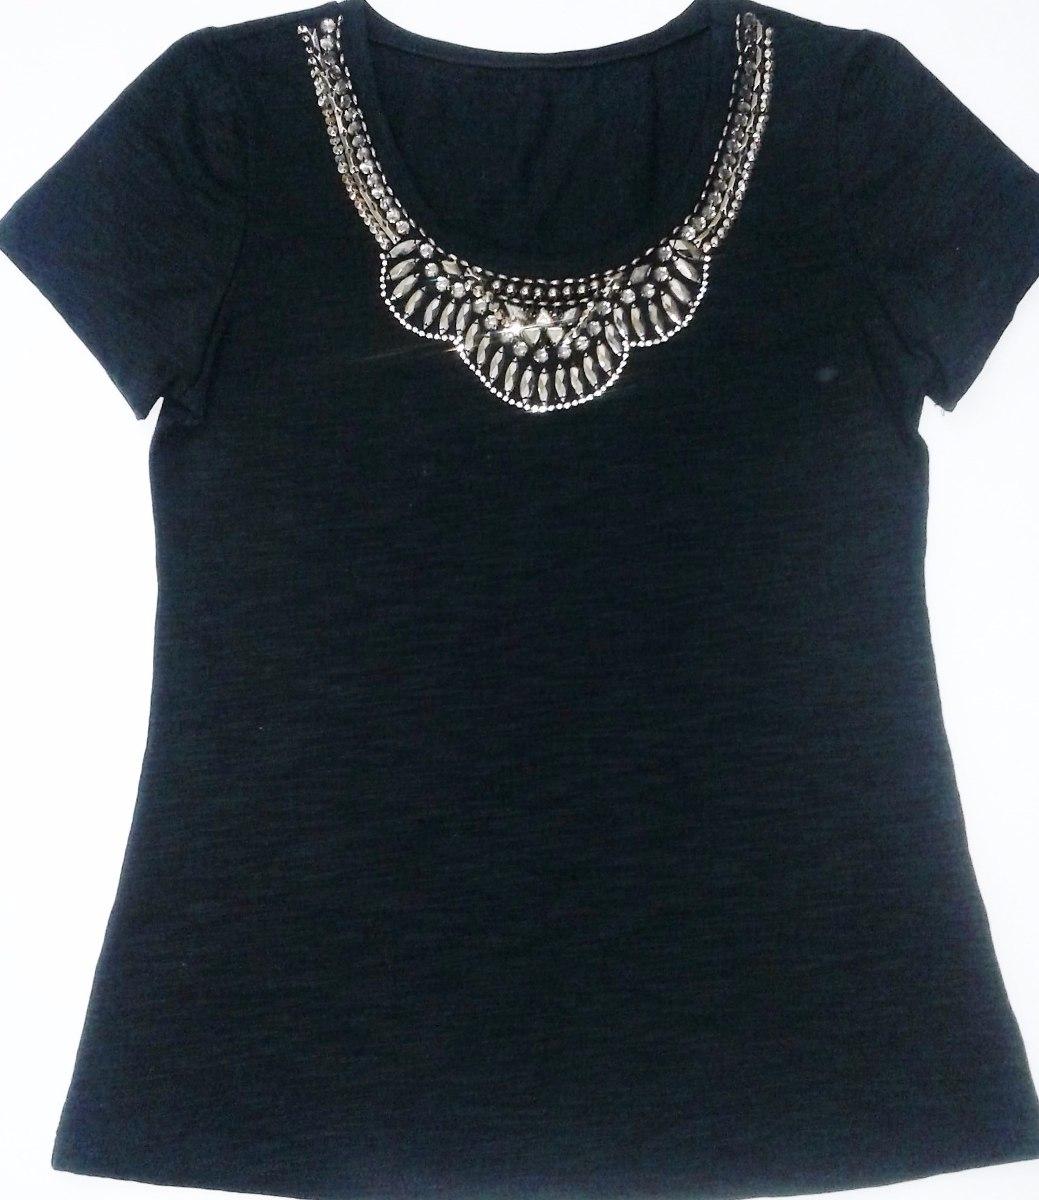 df8eceb93c56 Blusa Feminina Camiseta Bordada Pedraria Tipo Maxicolar Vb06